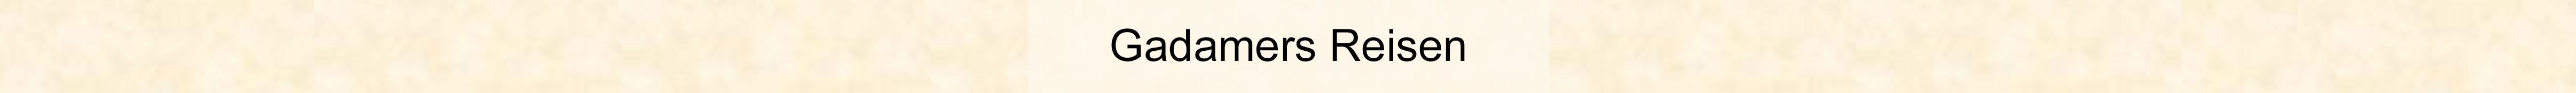 Gadamers-Reisen-Hintergrund-top-bar-5